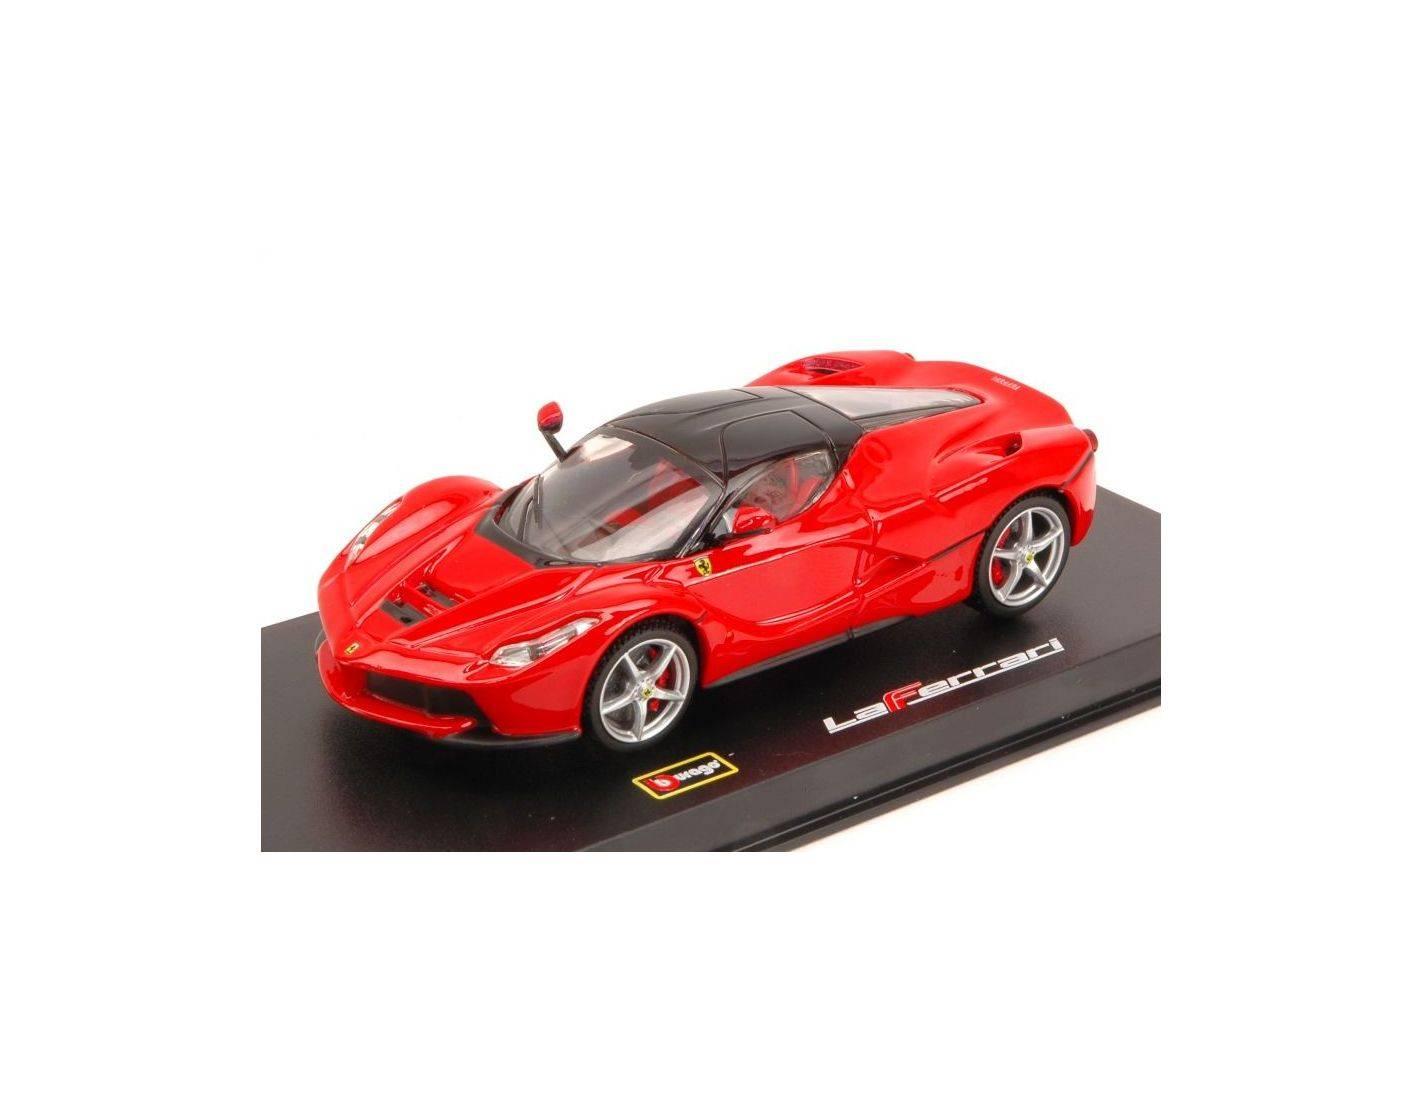 auto 1 43 bburago bu36902 signature ferrari la ferrari 2013 red 1 43 modellino modellino shop. Black Bedroom Furniture Sets. Home Design Ideas